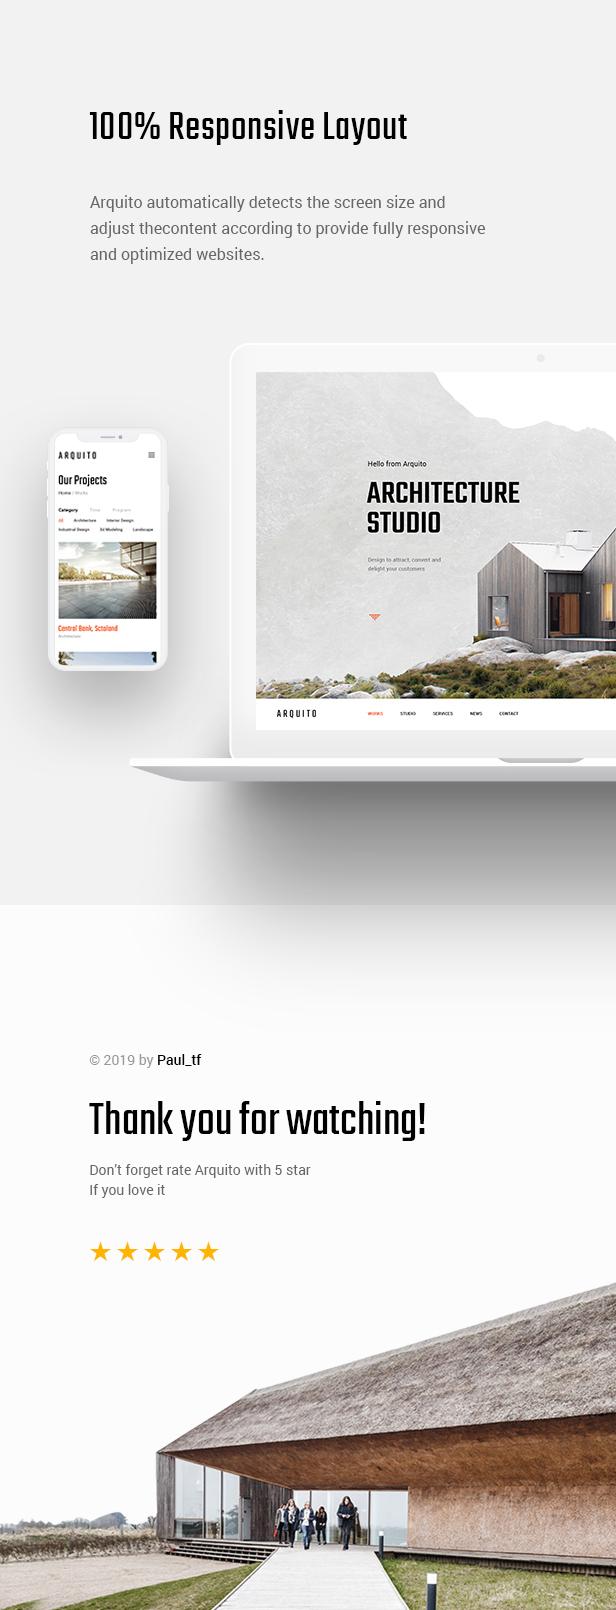 Arquito - 3D Architektur & Interieur WordPress Theme - 10